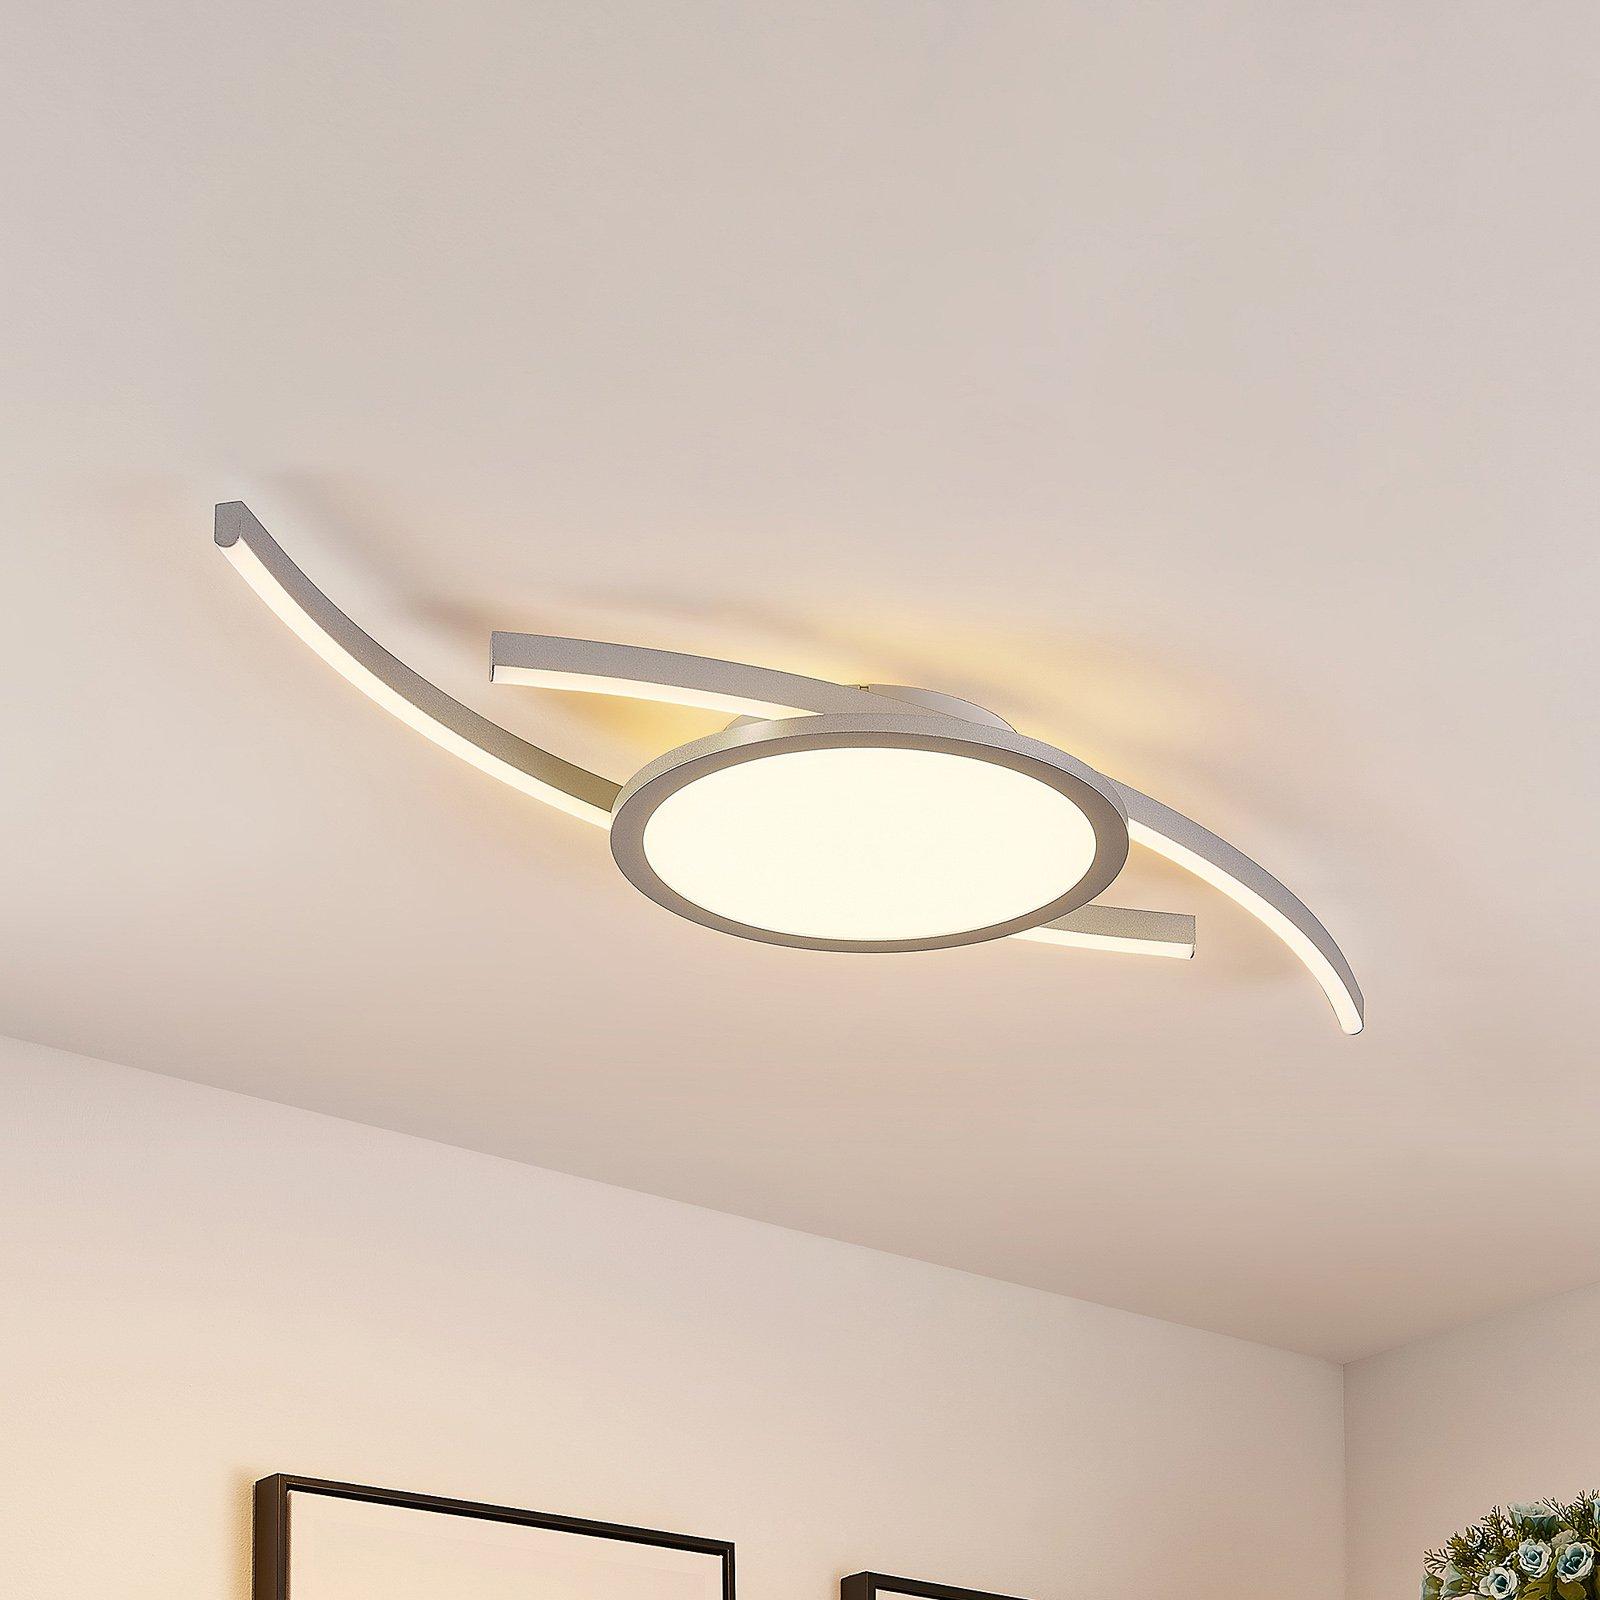 Lucande Tiaro LED-taklampe, rund